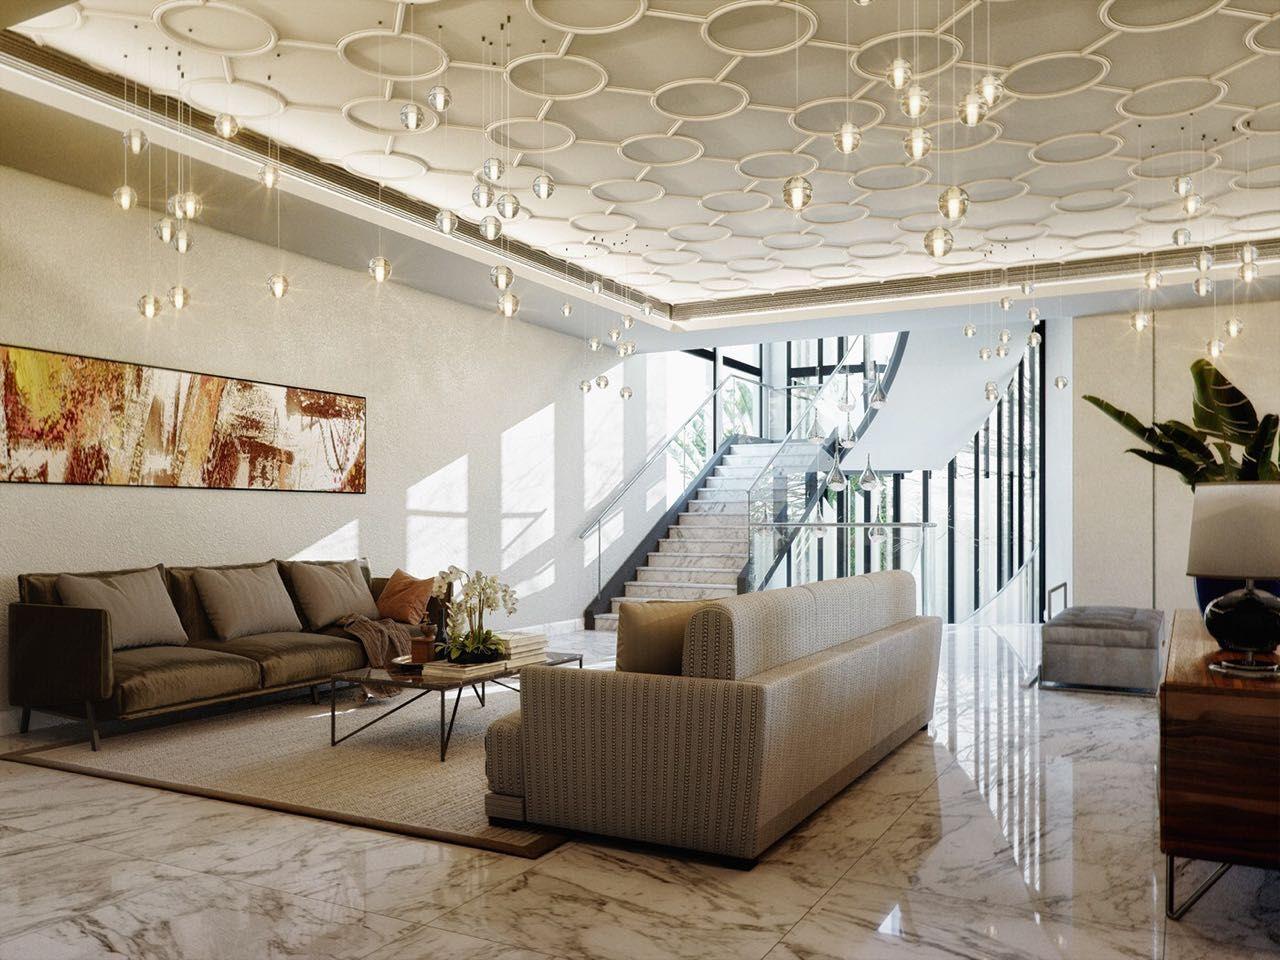 تصميم داخلي تصميم خارجي ديكور الرياض مصمم داخلي تشطيب حجر تنفيذ مقاولات تشطيب Interior Design Design Home